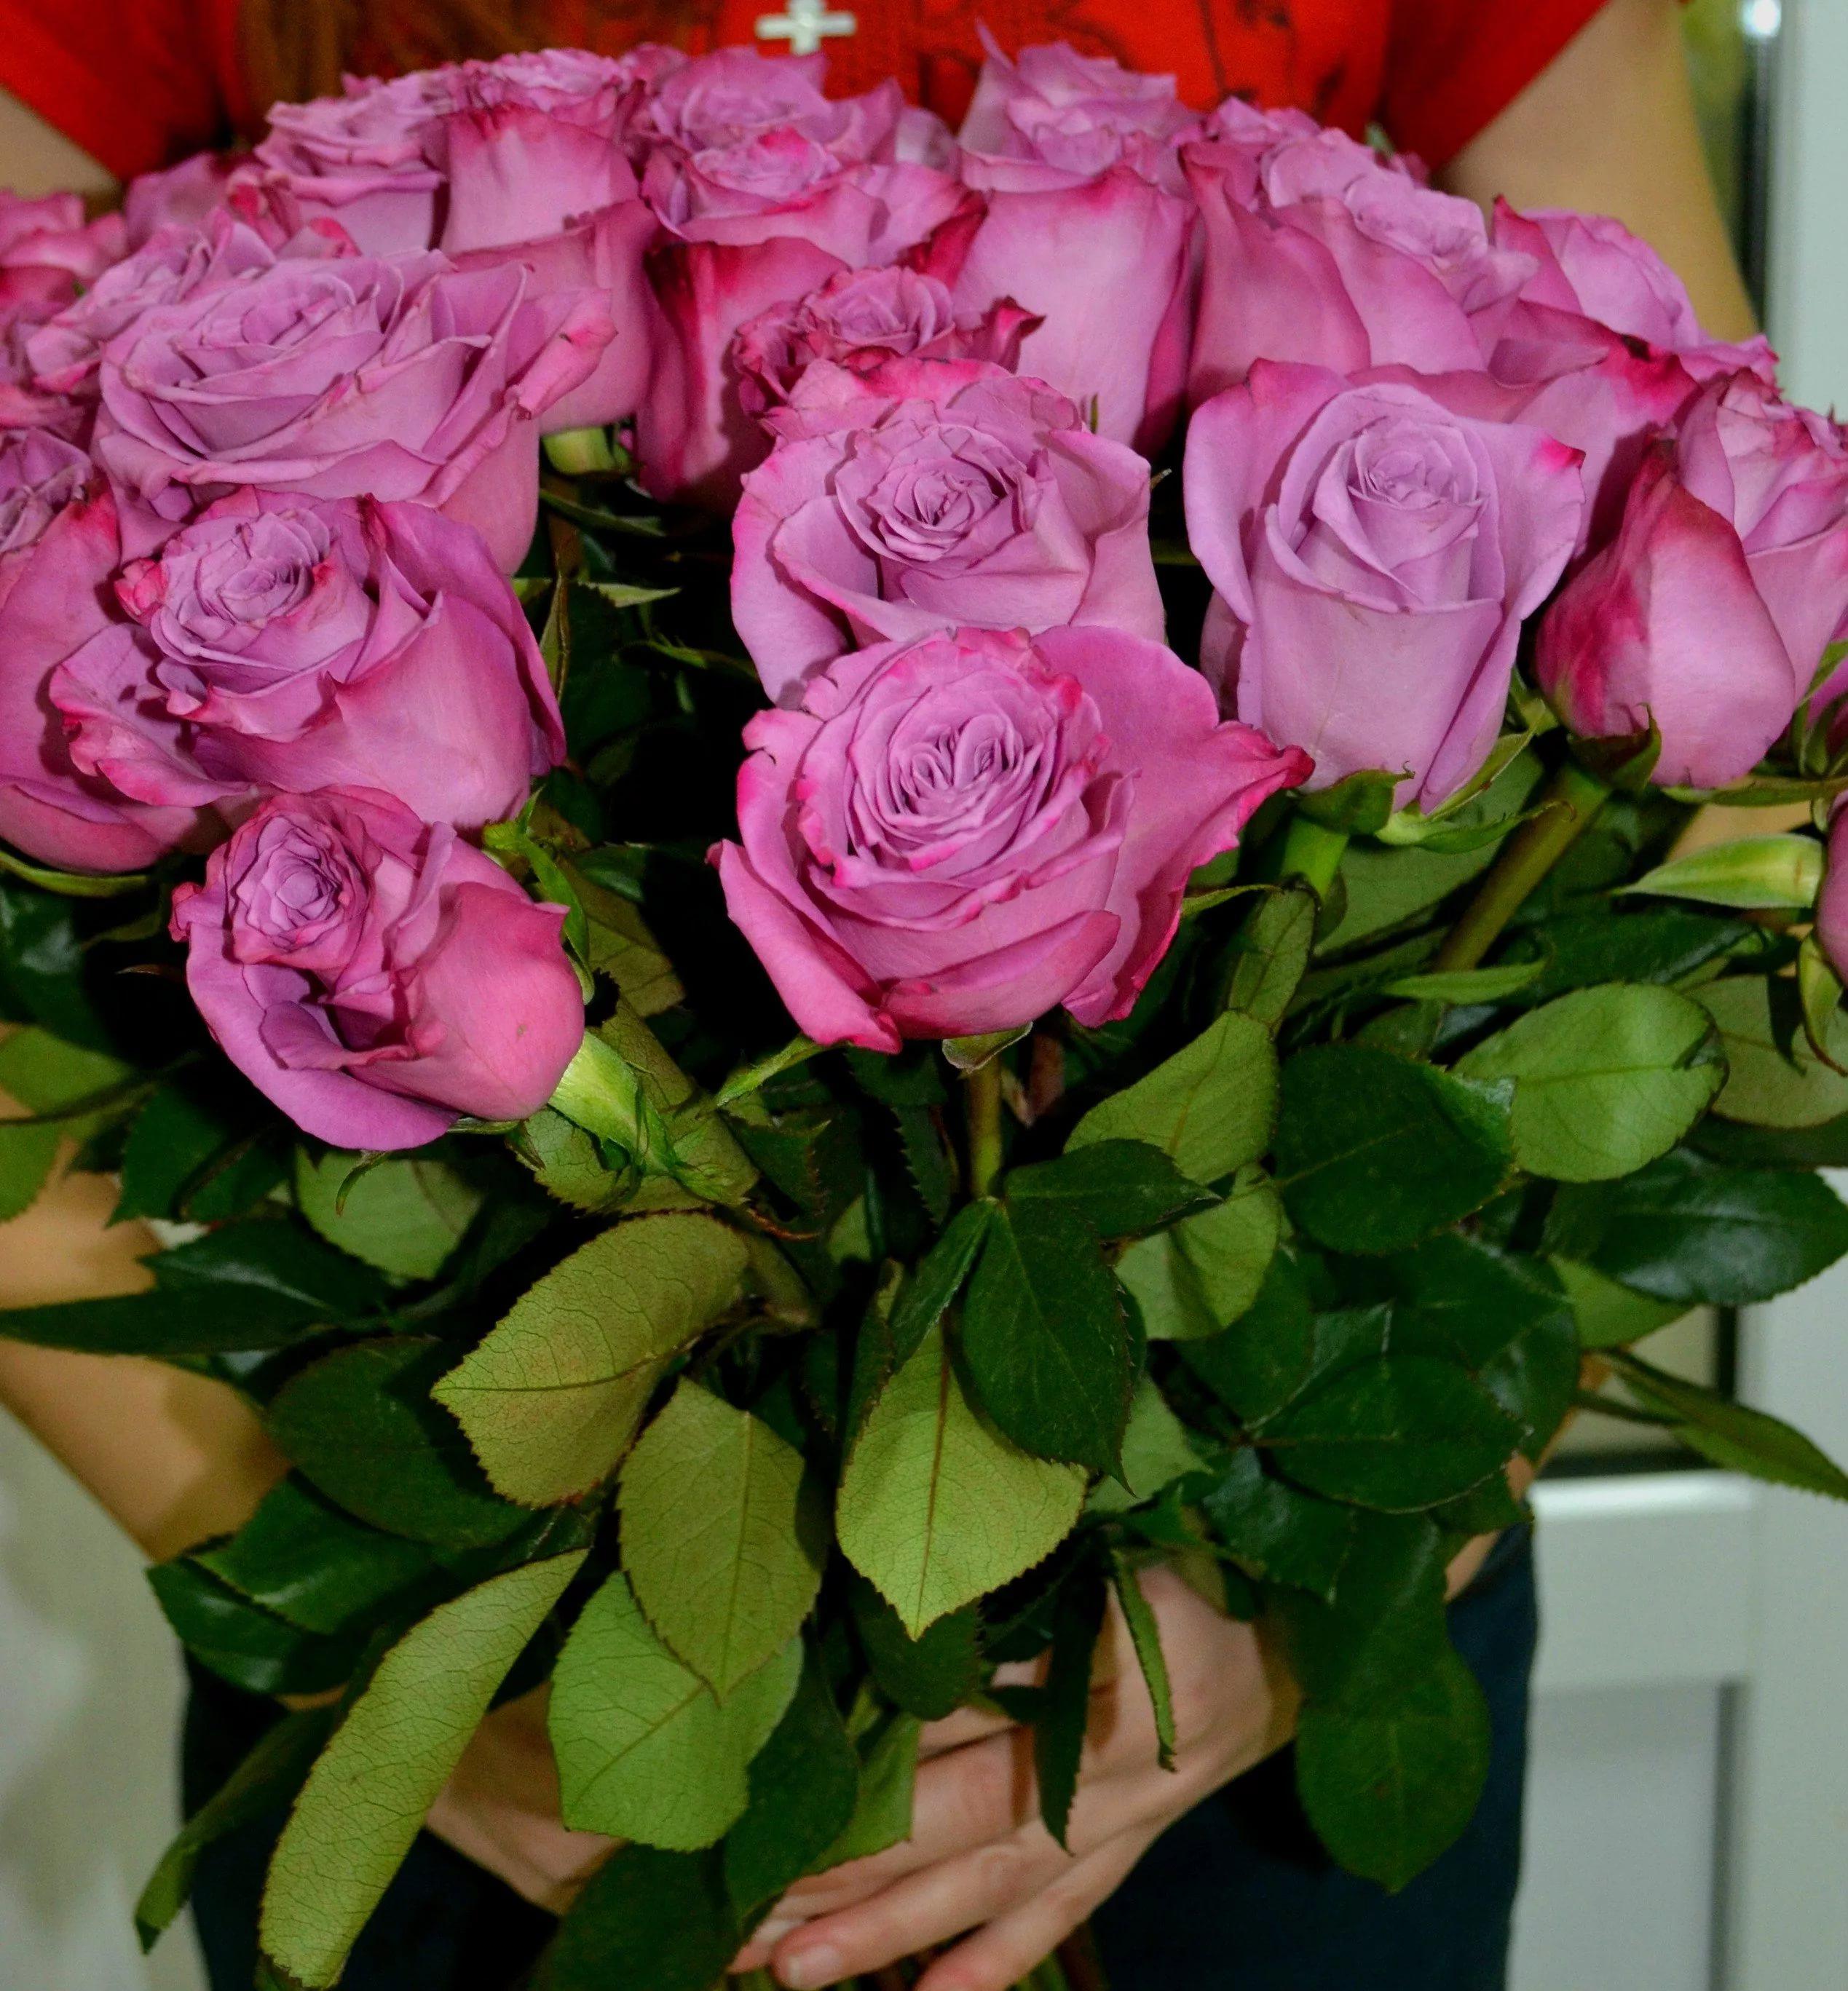 естественные картинки цветов также поможет правильно